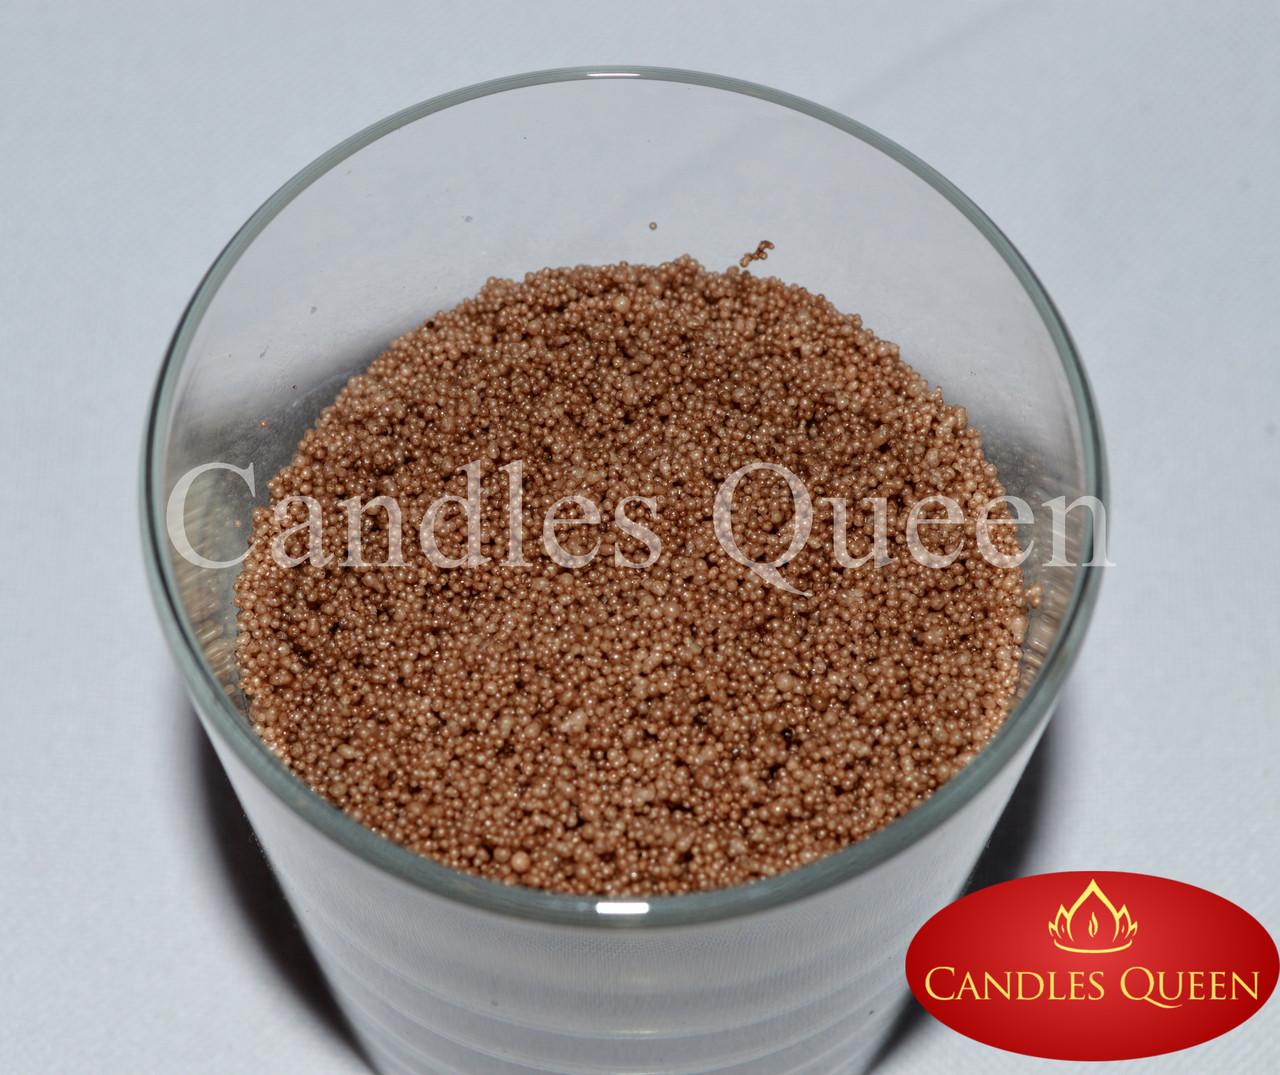 Стеарин в гранулах коричневый цвет 1 кг. Для насыпных свечей и литых